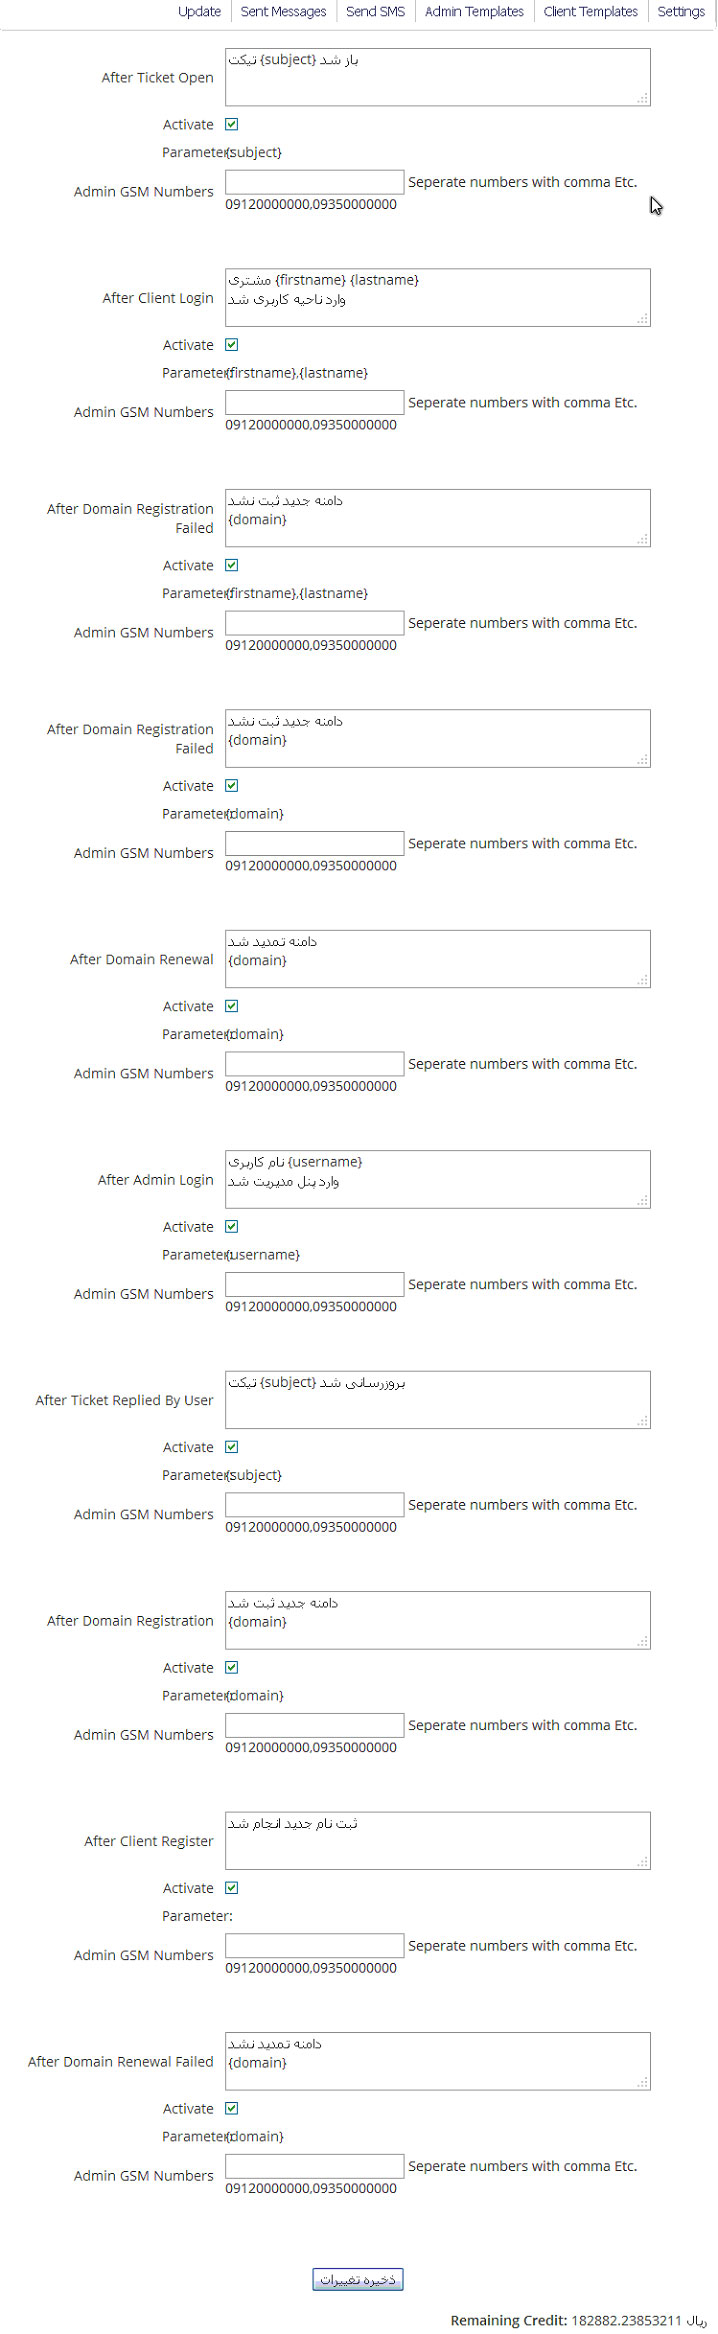 ماژول ارسال پیامک whmcs برای مدیریت هاستینگ(تمامی نسخهها)